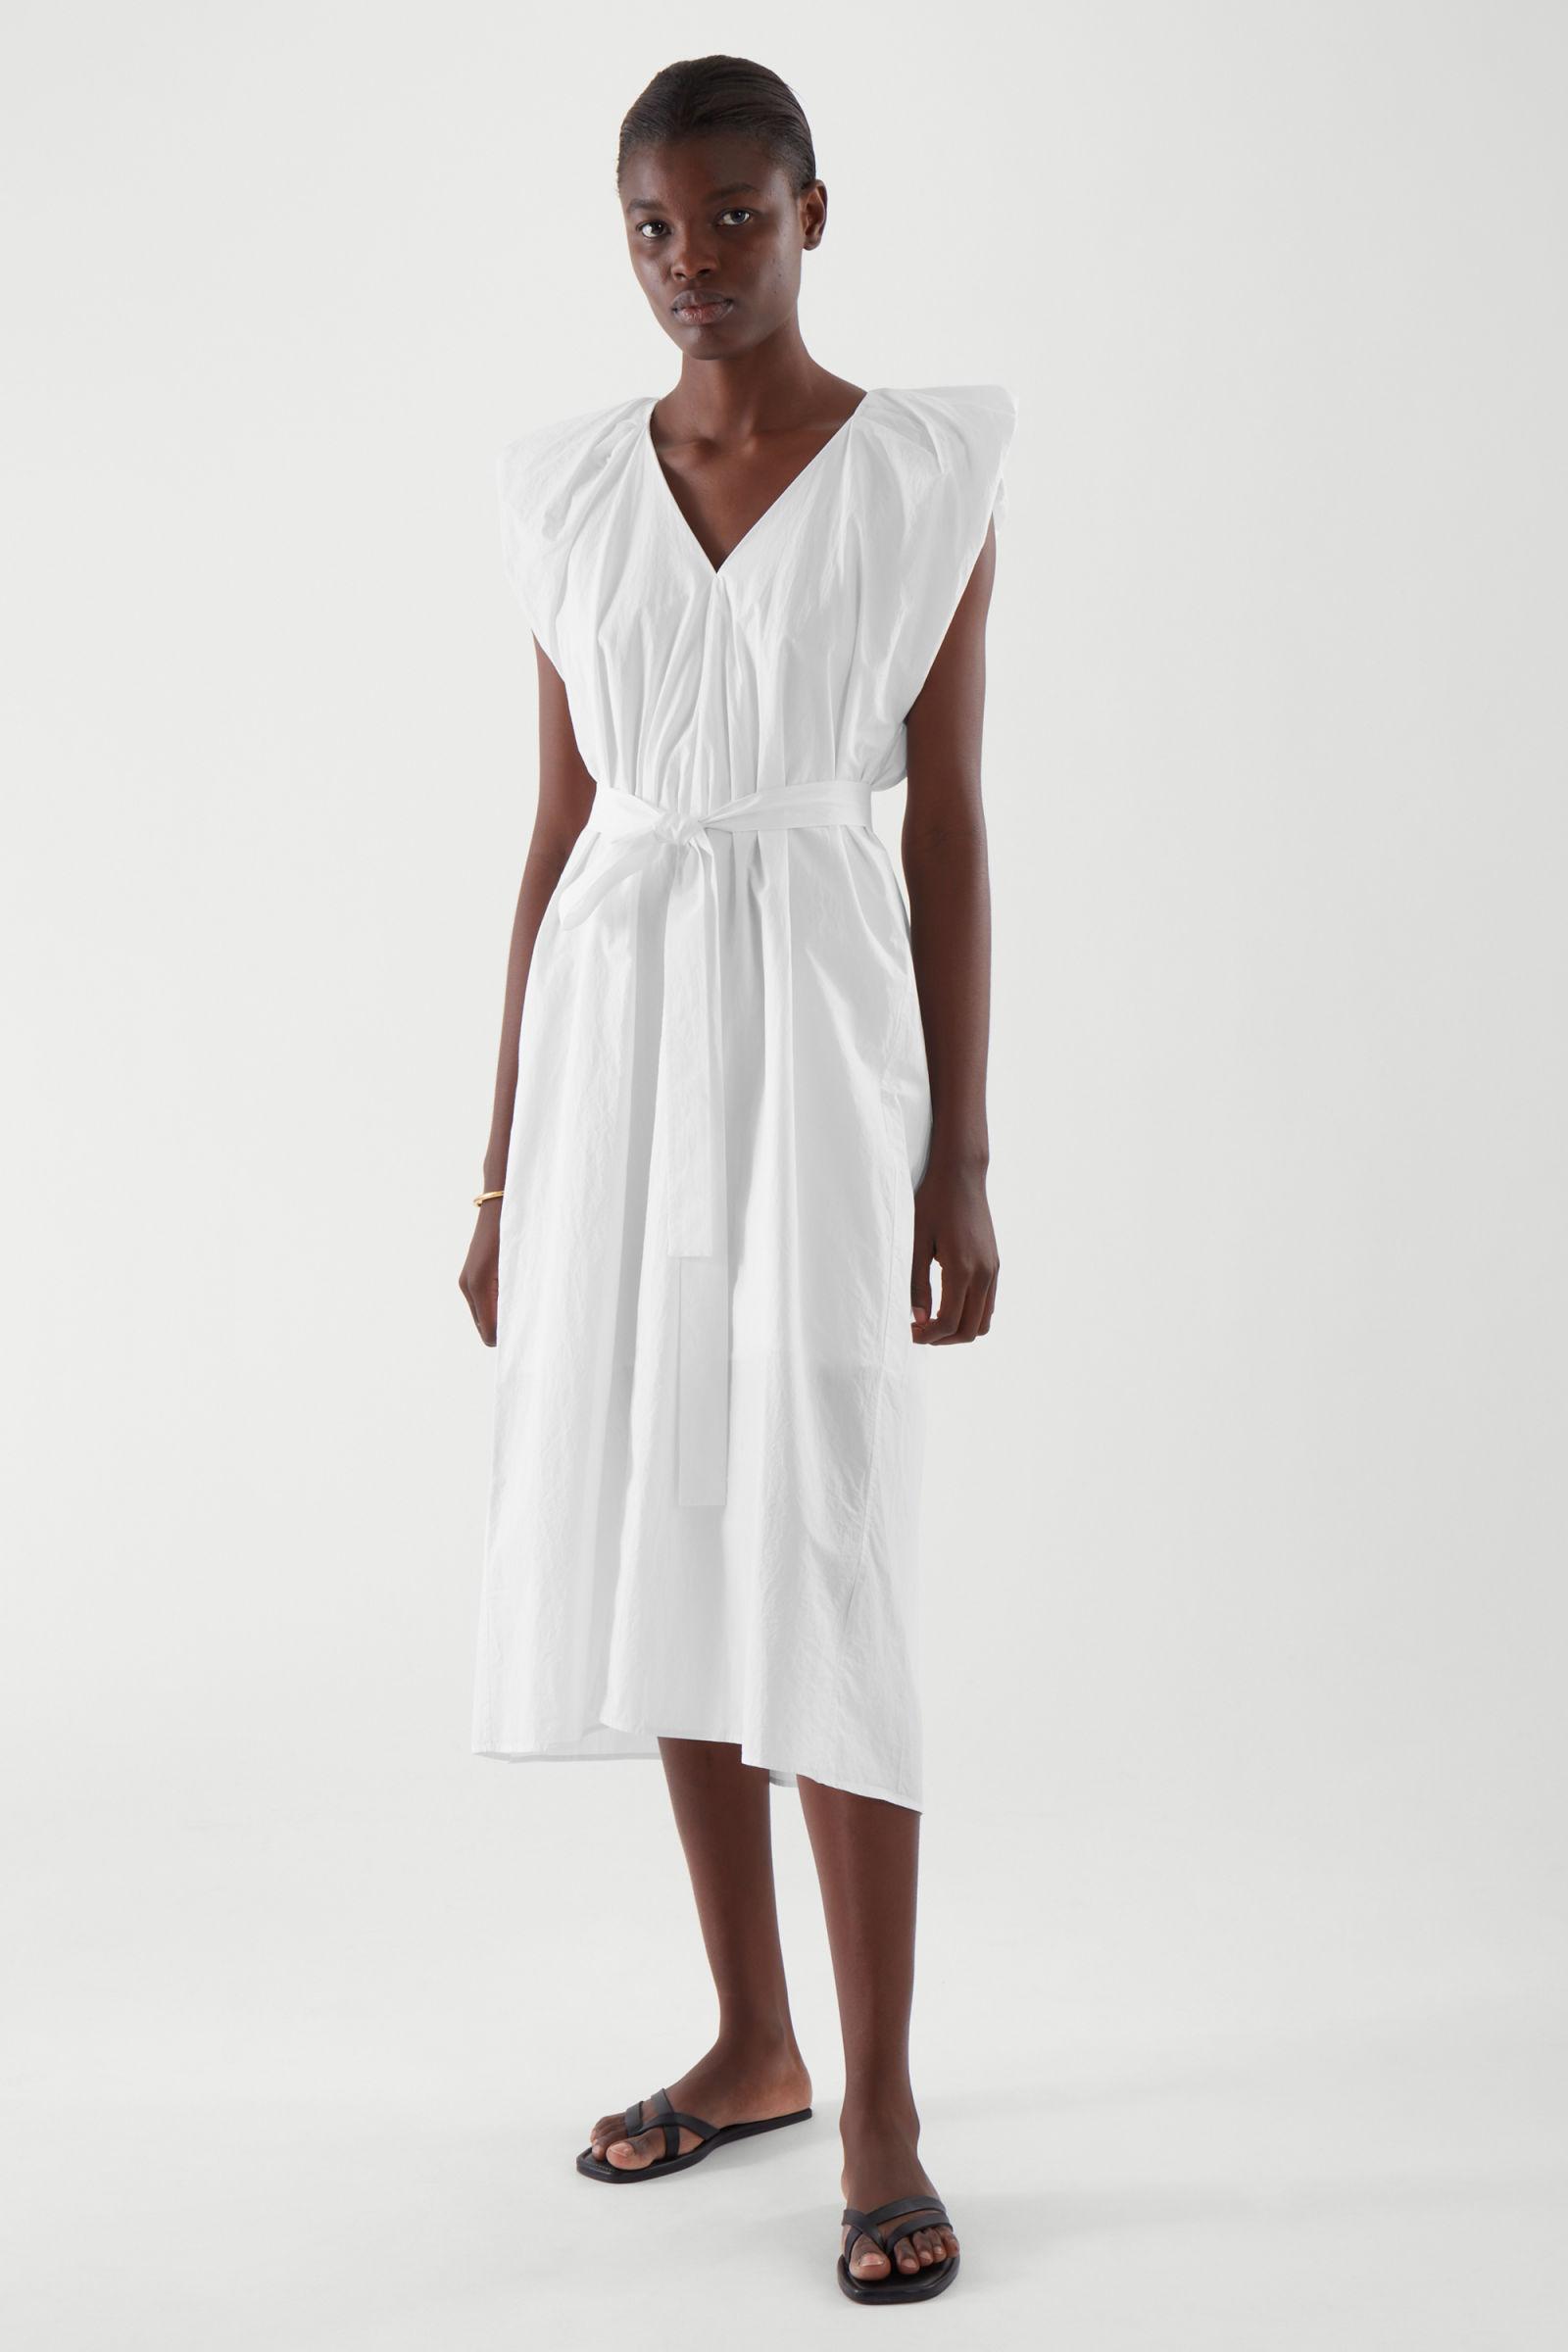 λευκό ντραπέ φόρεμα με ζώνη